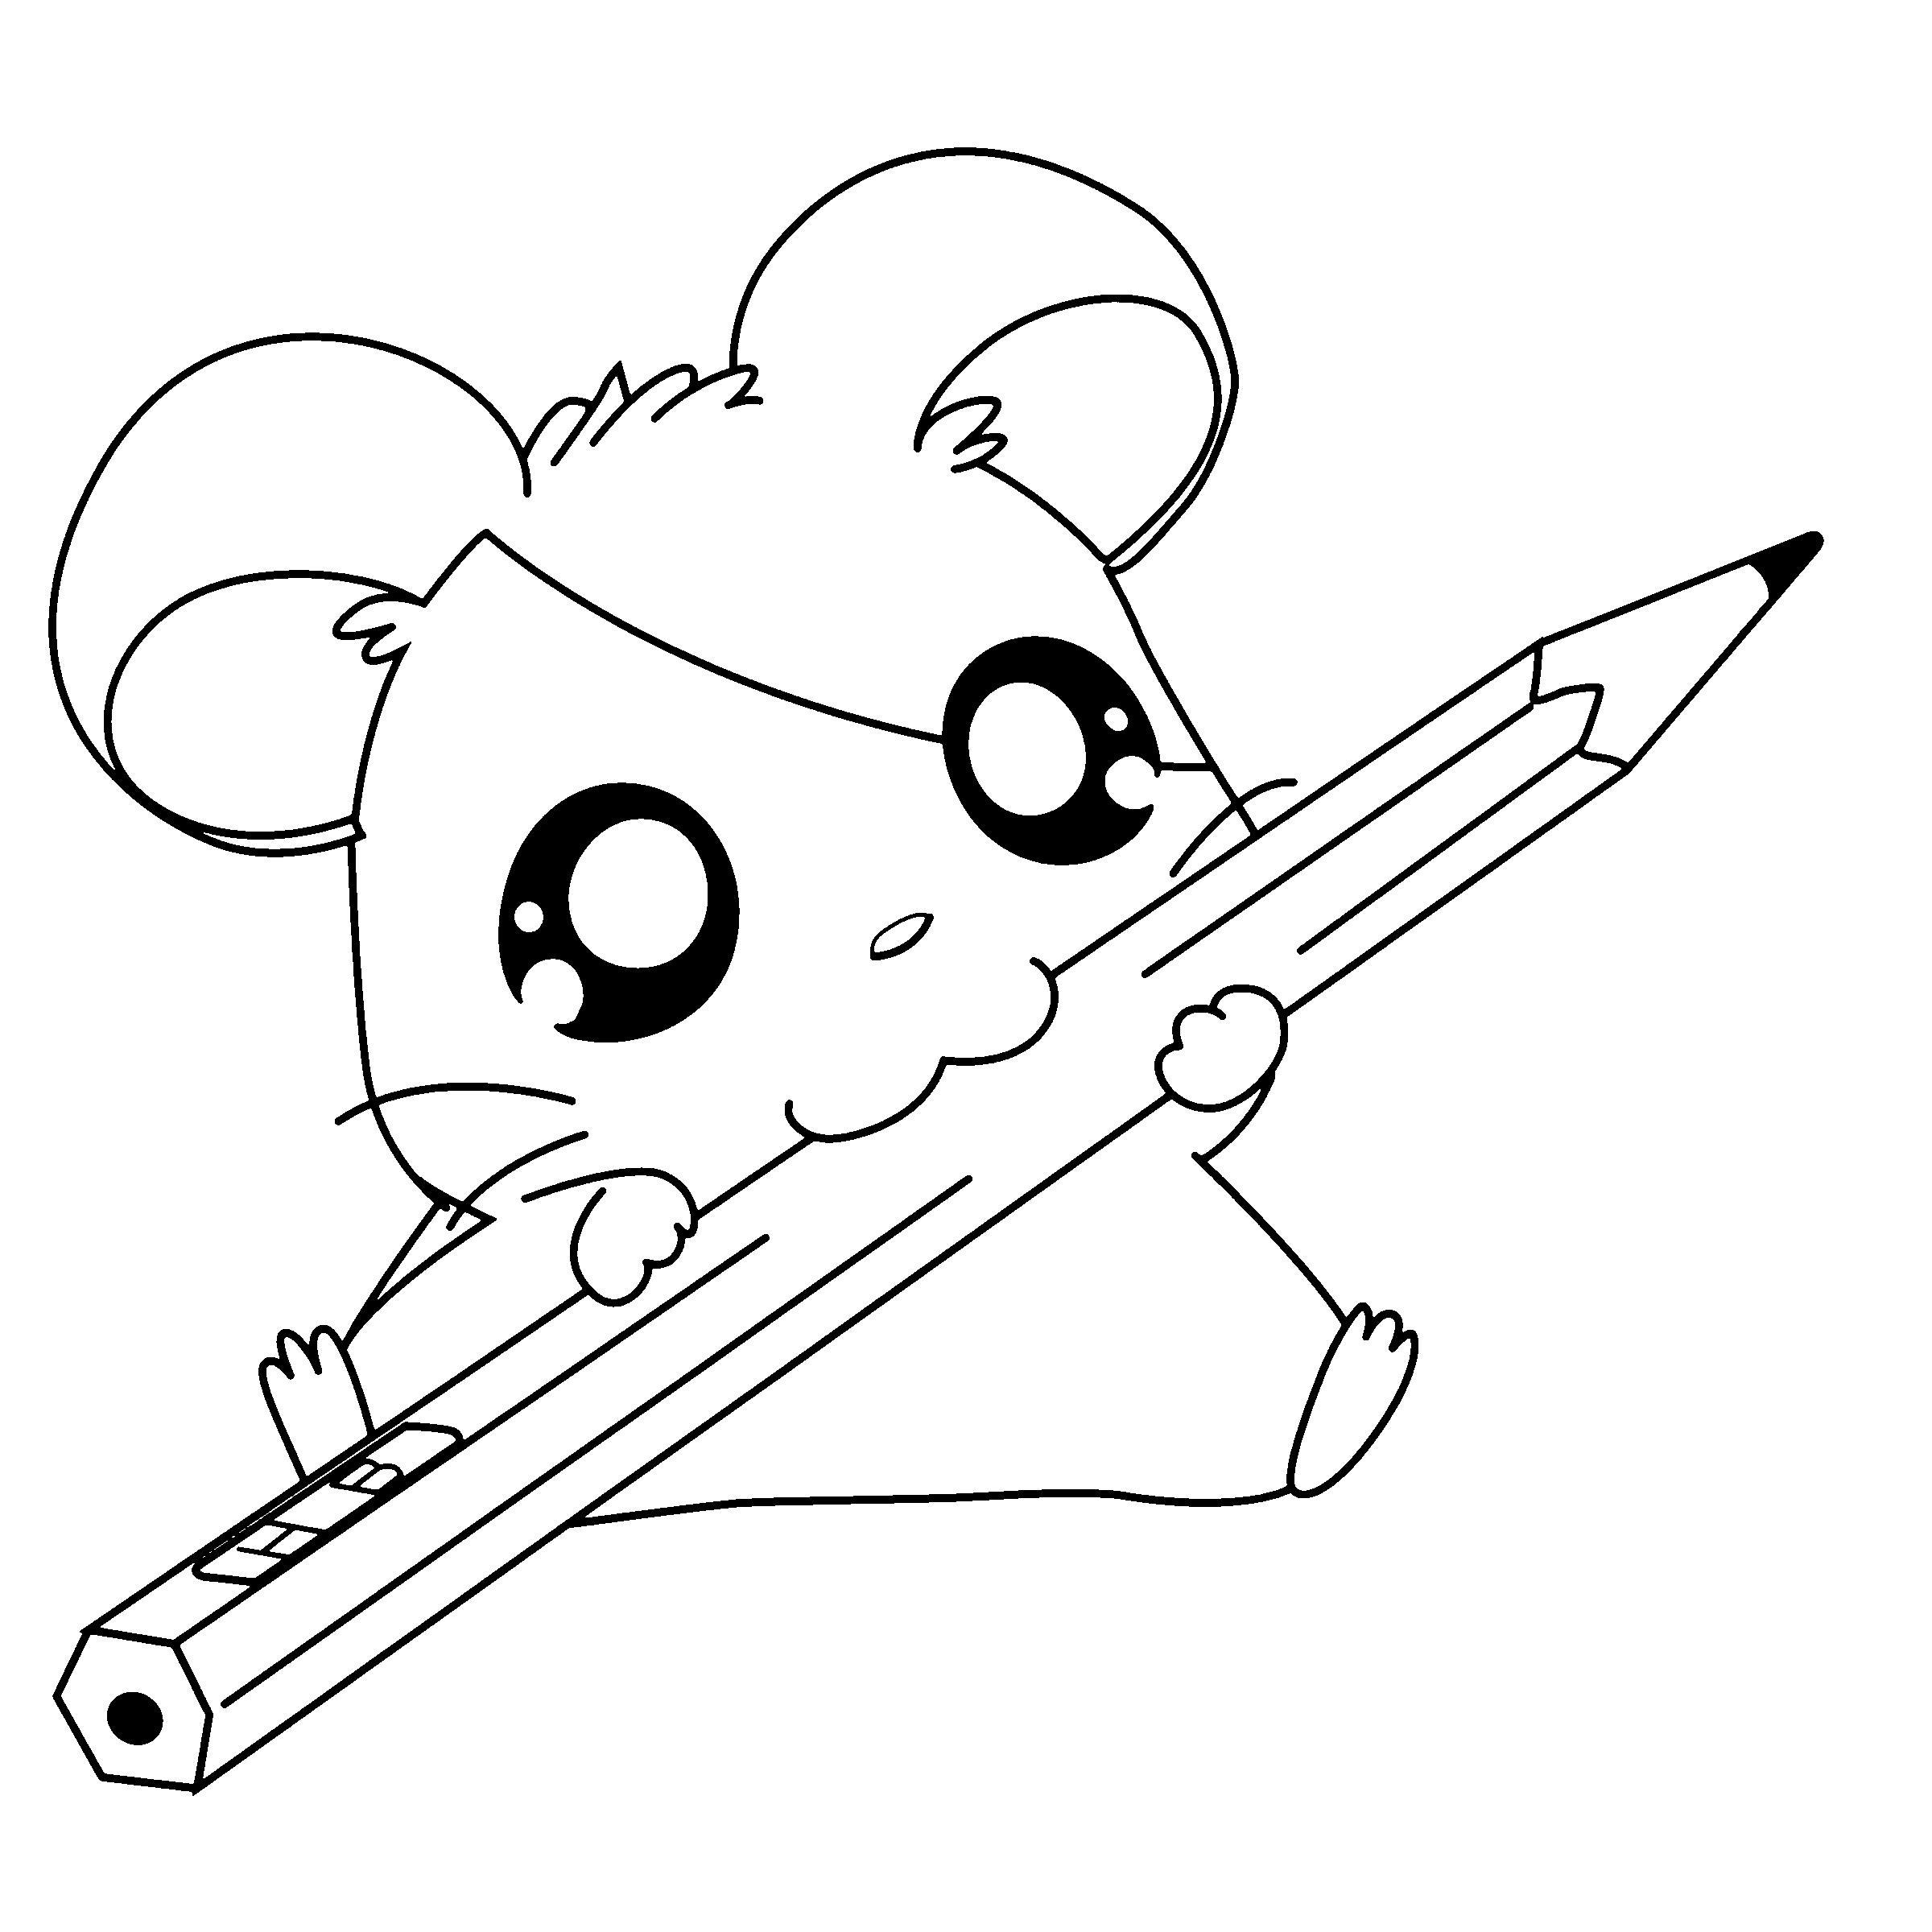 Милый мышонок с большими глазами, с карандашом Раскраски для девочек бесплатно